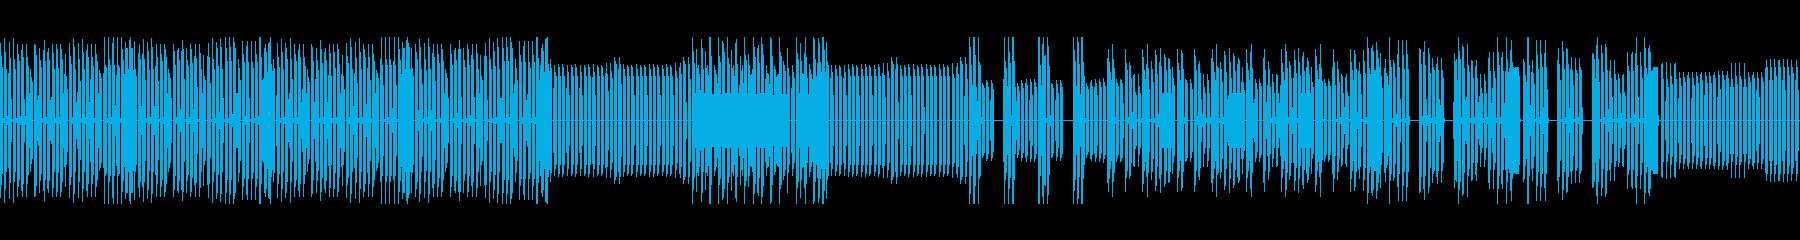 勇壮、雄々しいレトロゲーム風バトルBGMの再生済みの波形